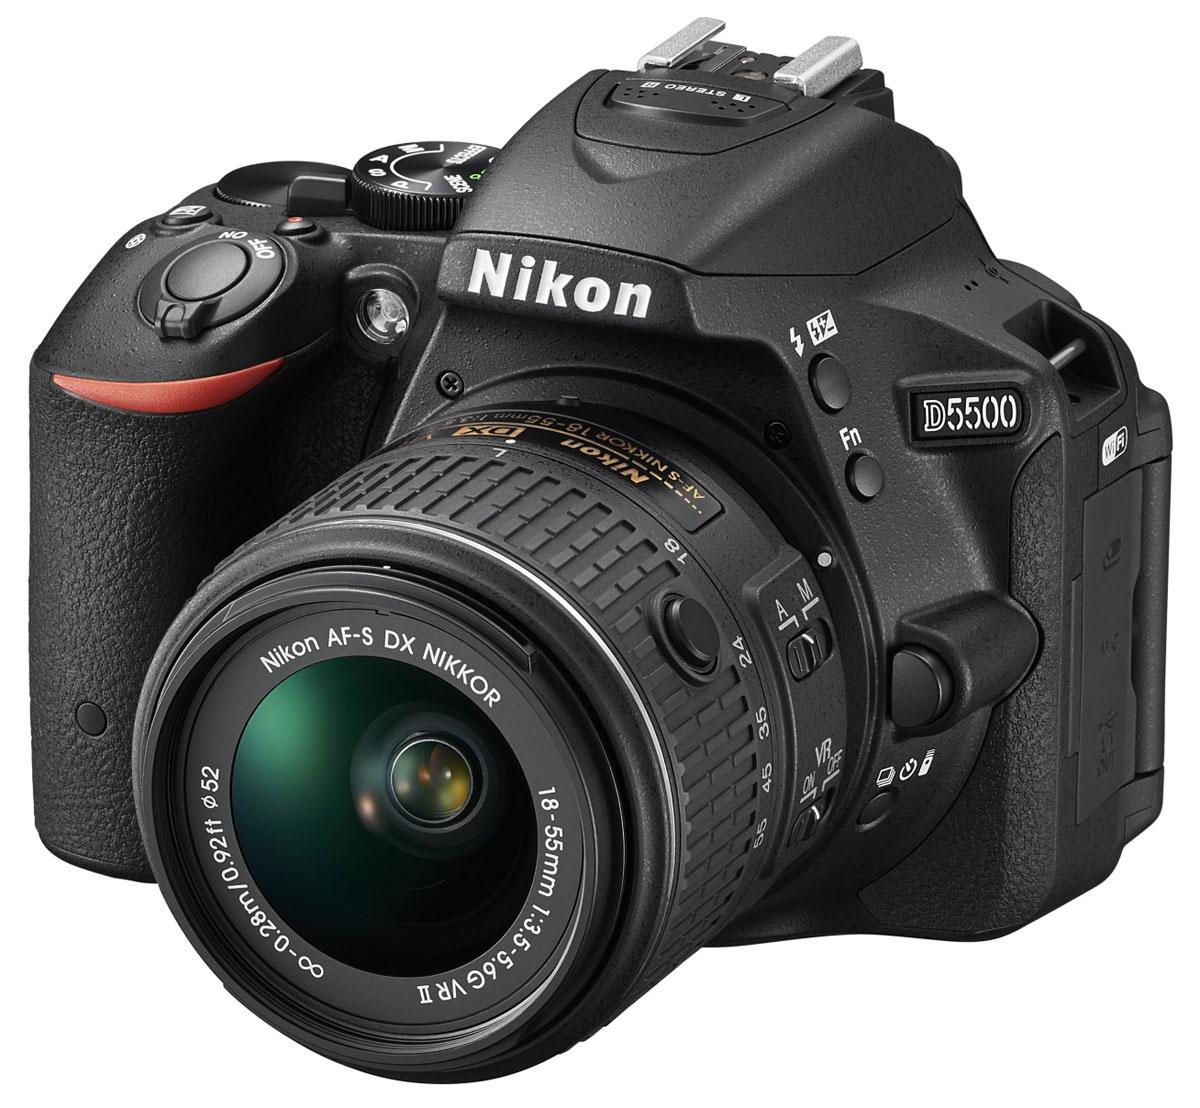 зеркальный фотоаппарат дешевле в польше больше привлекает